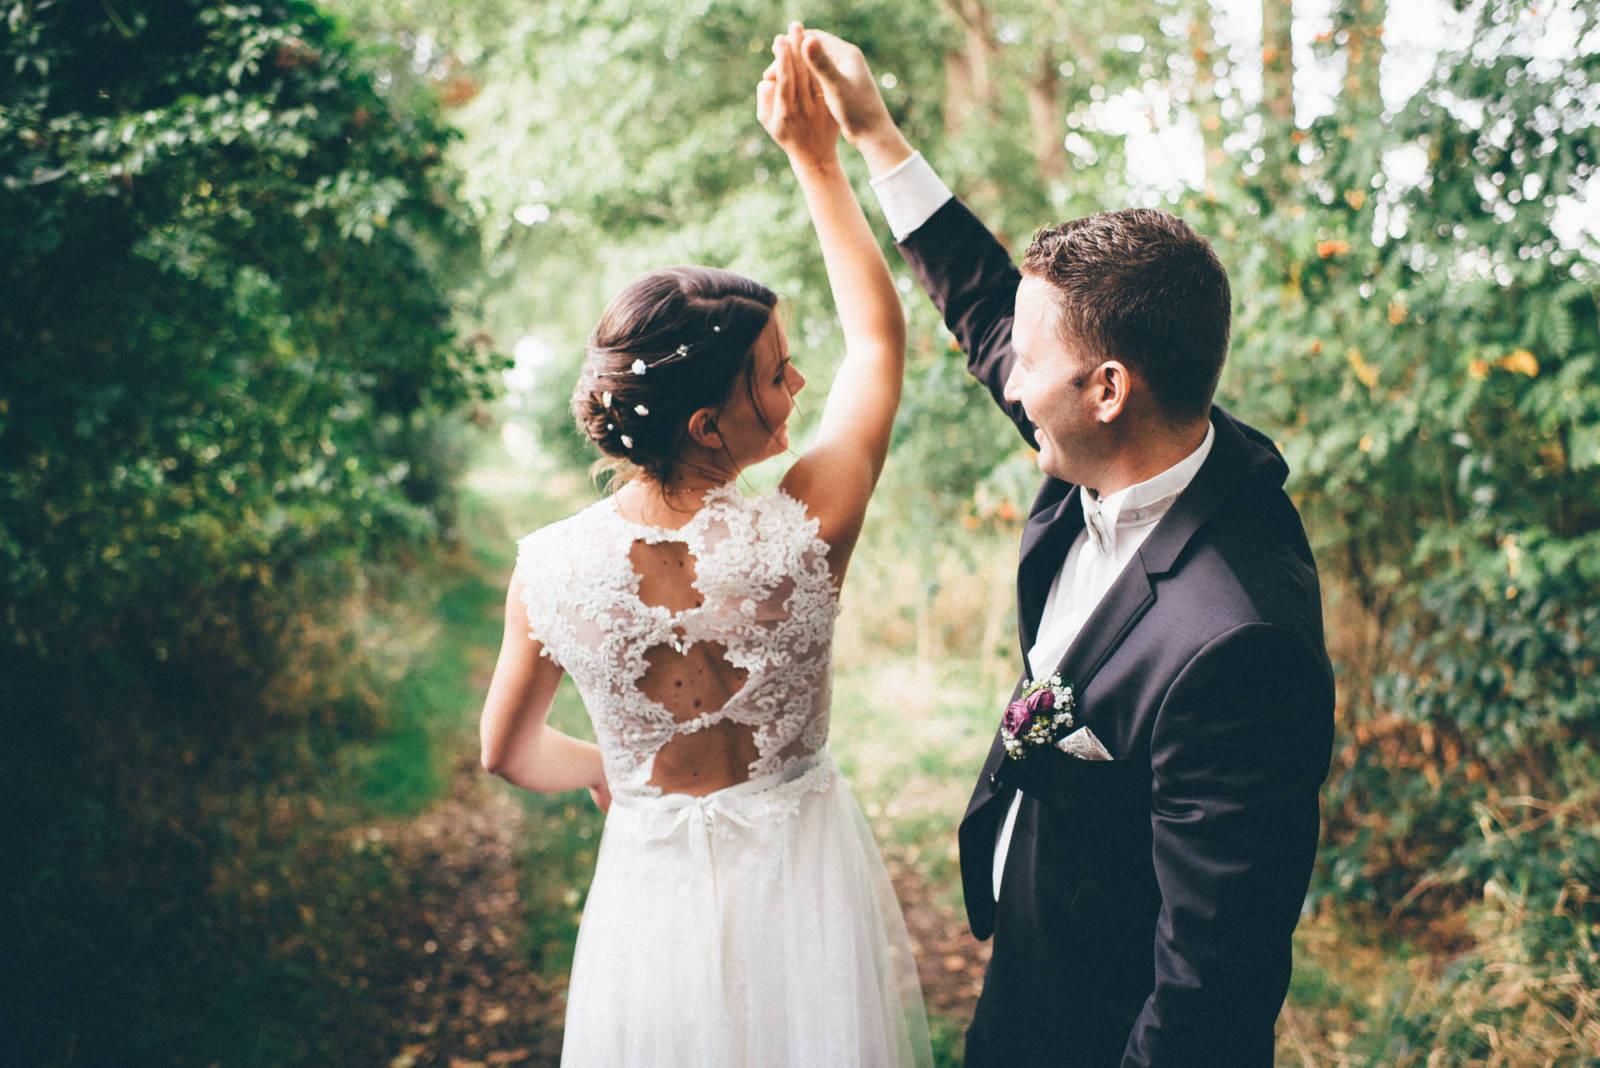 Hochzeitsfotograf-Stuttgart-Basel-Schweiz-Bruno-Biermann-Hochzeitsfotografie-Main-Page-3